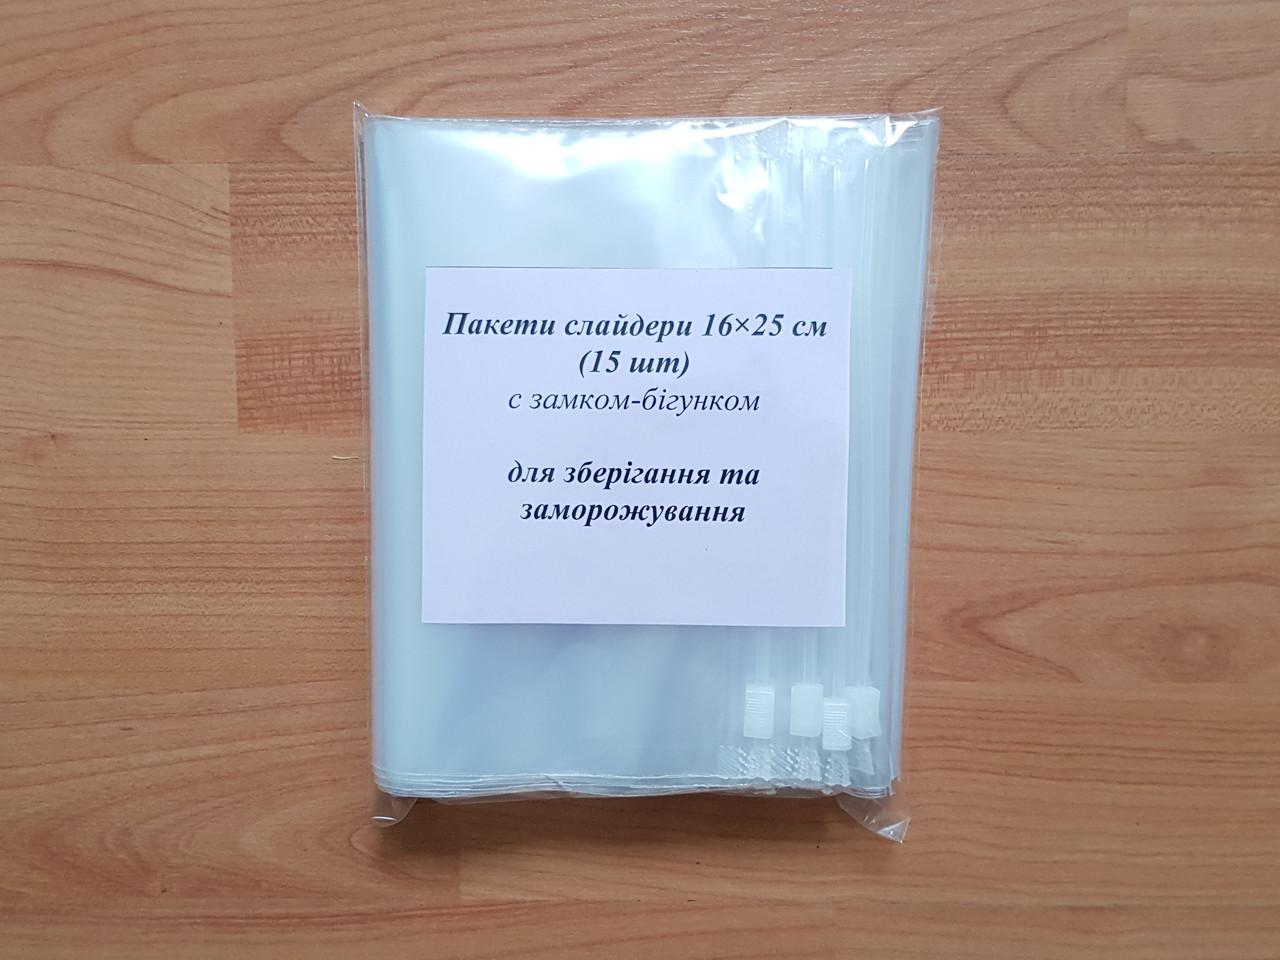 Пакеты слайдеры 16×25 см  (15 шт) для хранения и заморозки